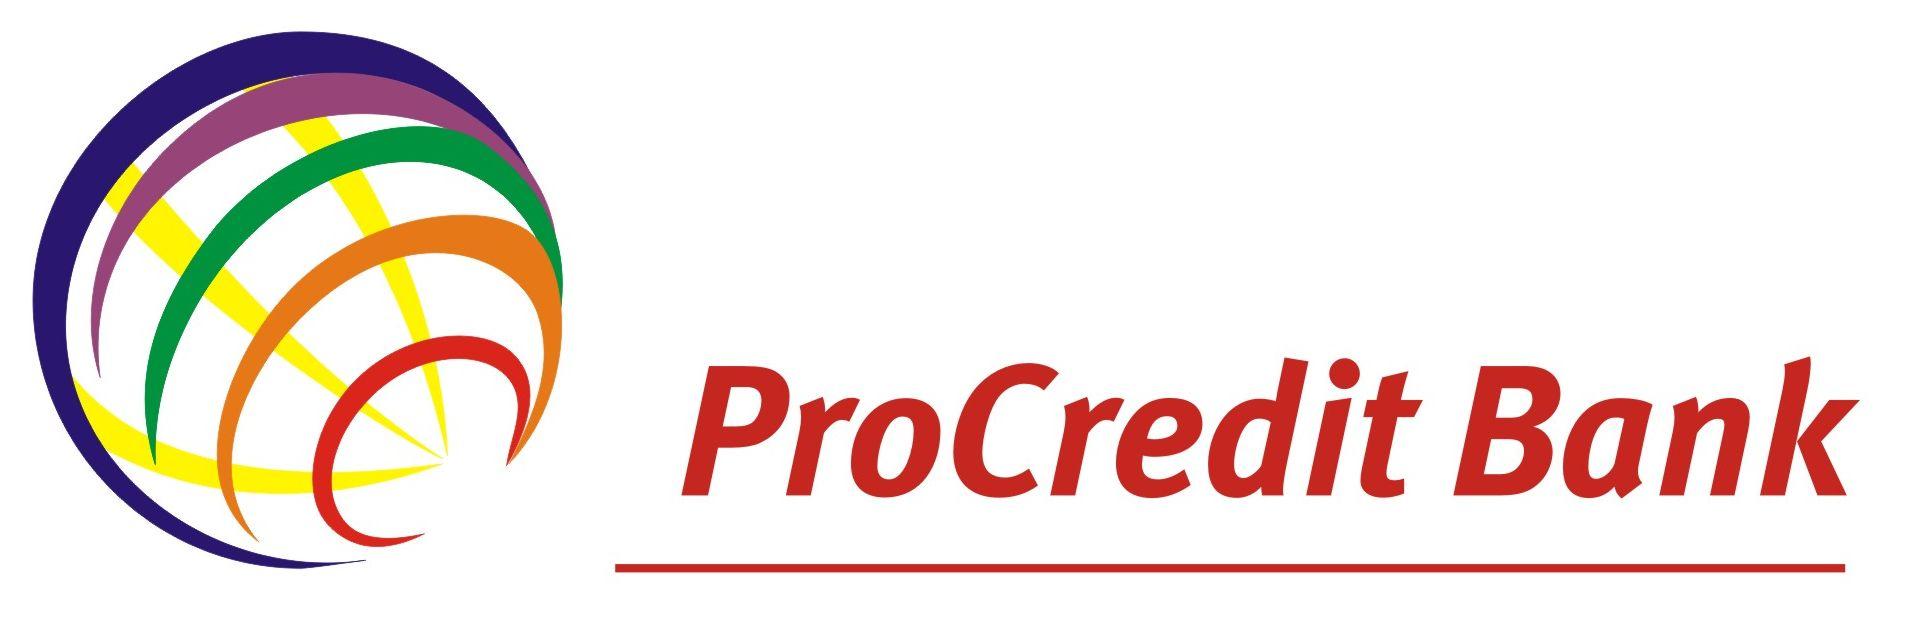 Прокредит Банк: відгуки клієнтів logo